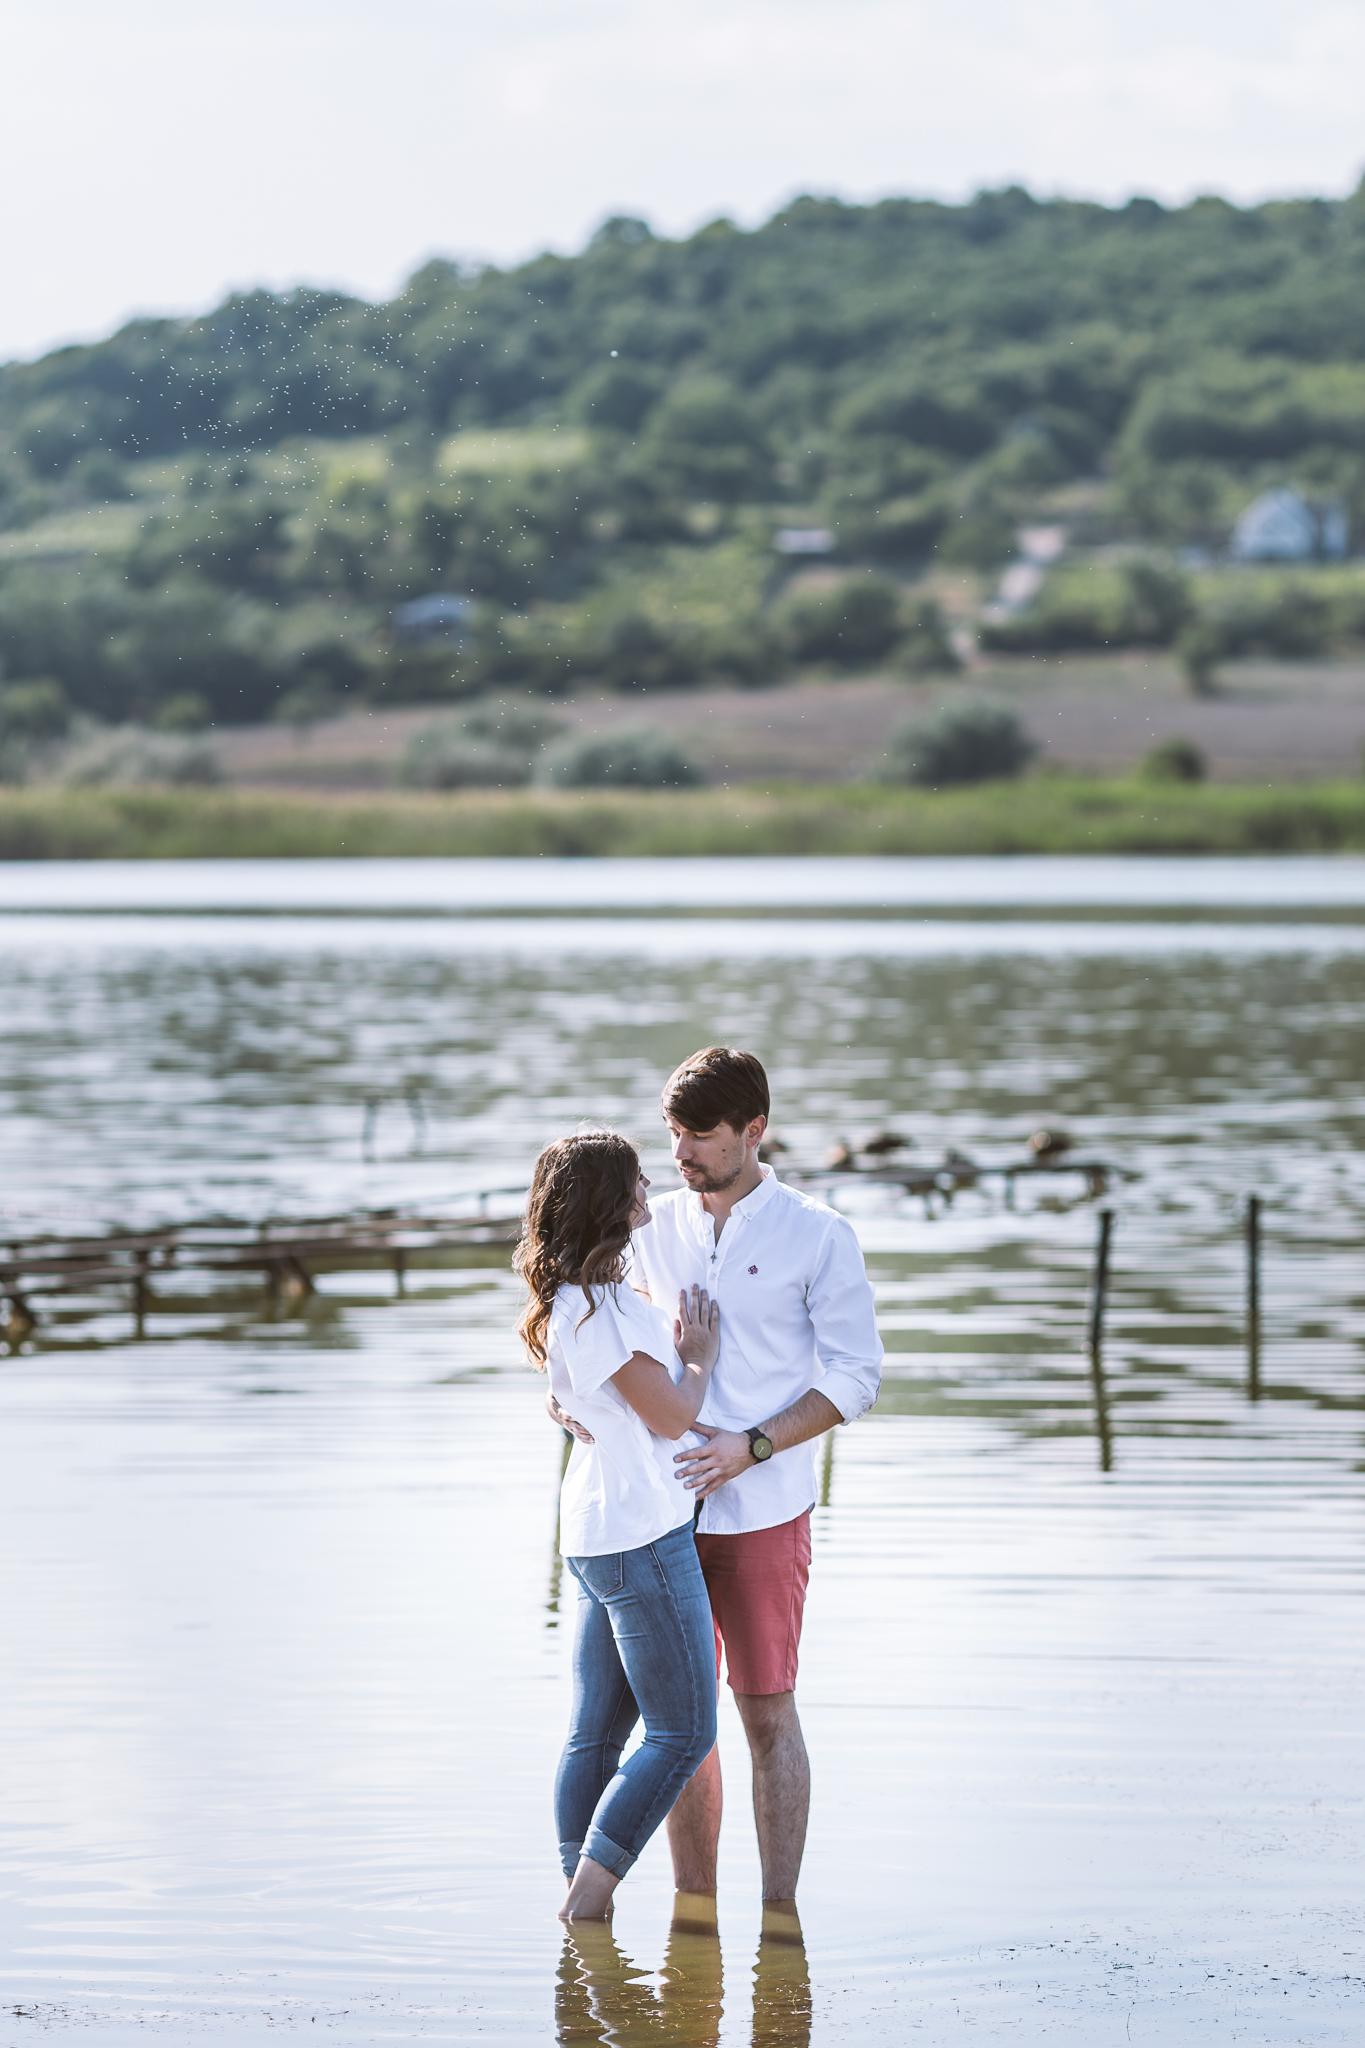 FylepPhoto, esküvőfotózás, magyarország, esküvői fotós, vasmegye, prémium, jegyesfotózás, Fülöp Péter, körmend, kreatív, tihany 30.jpg